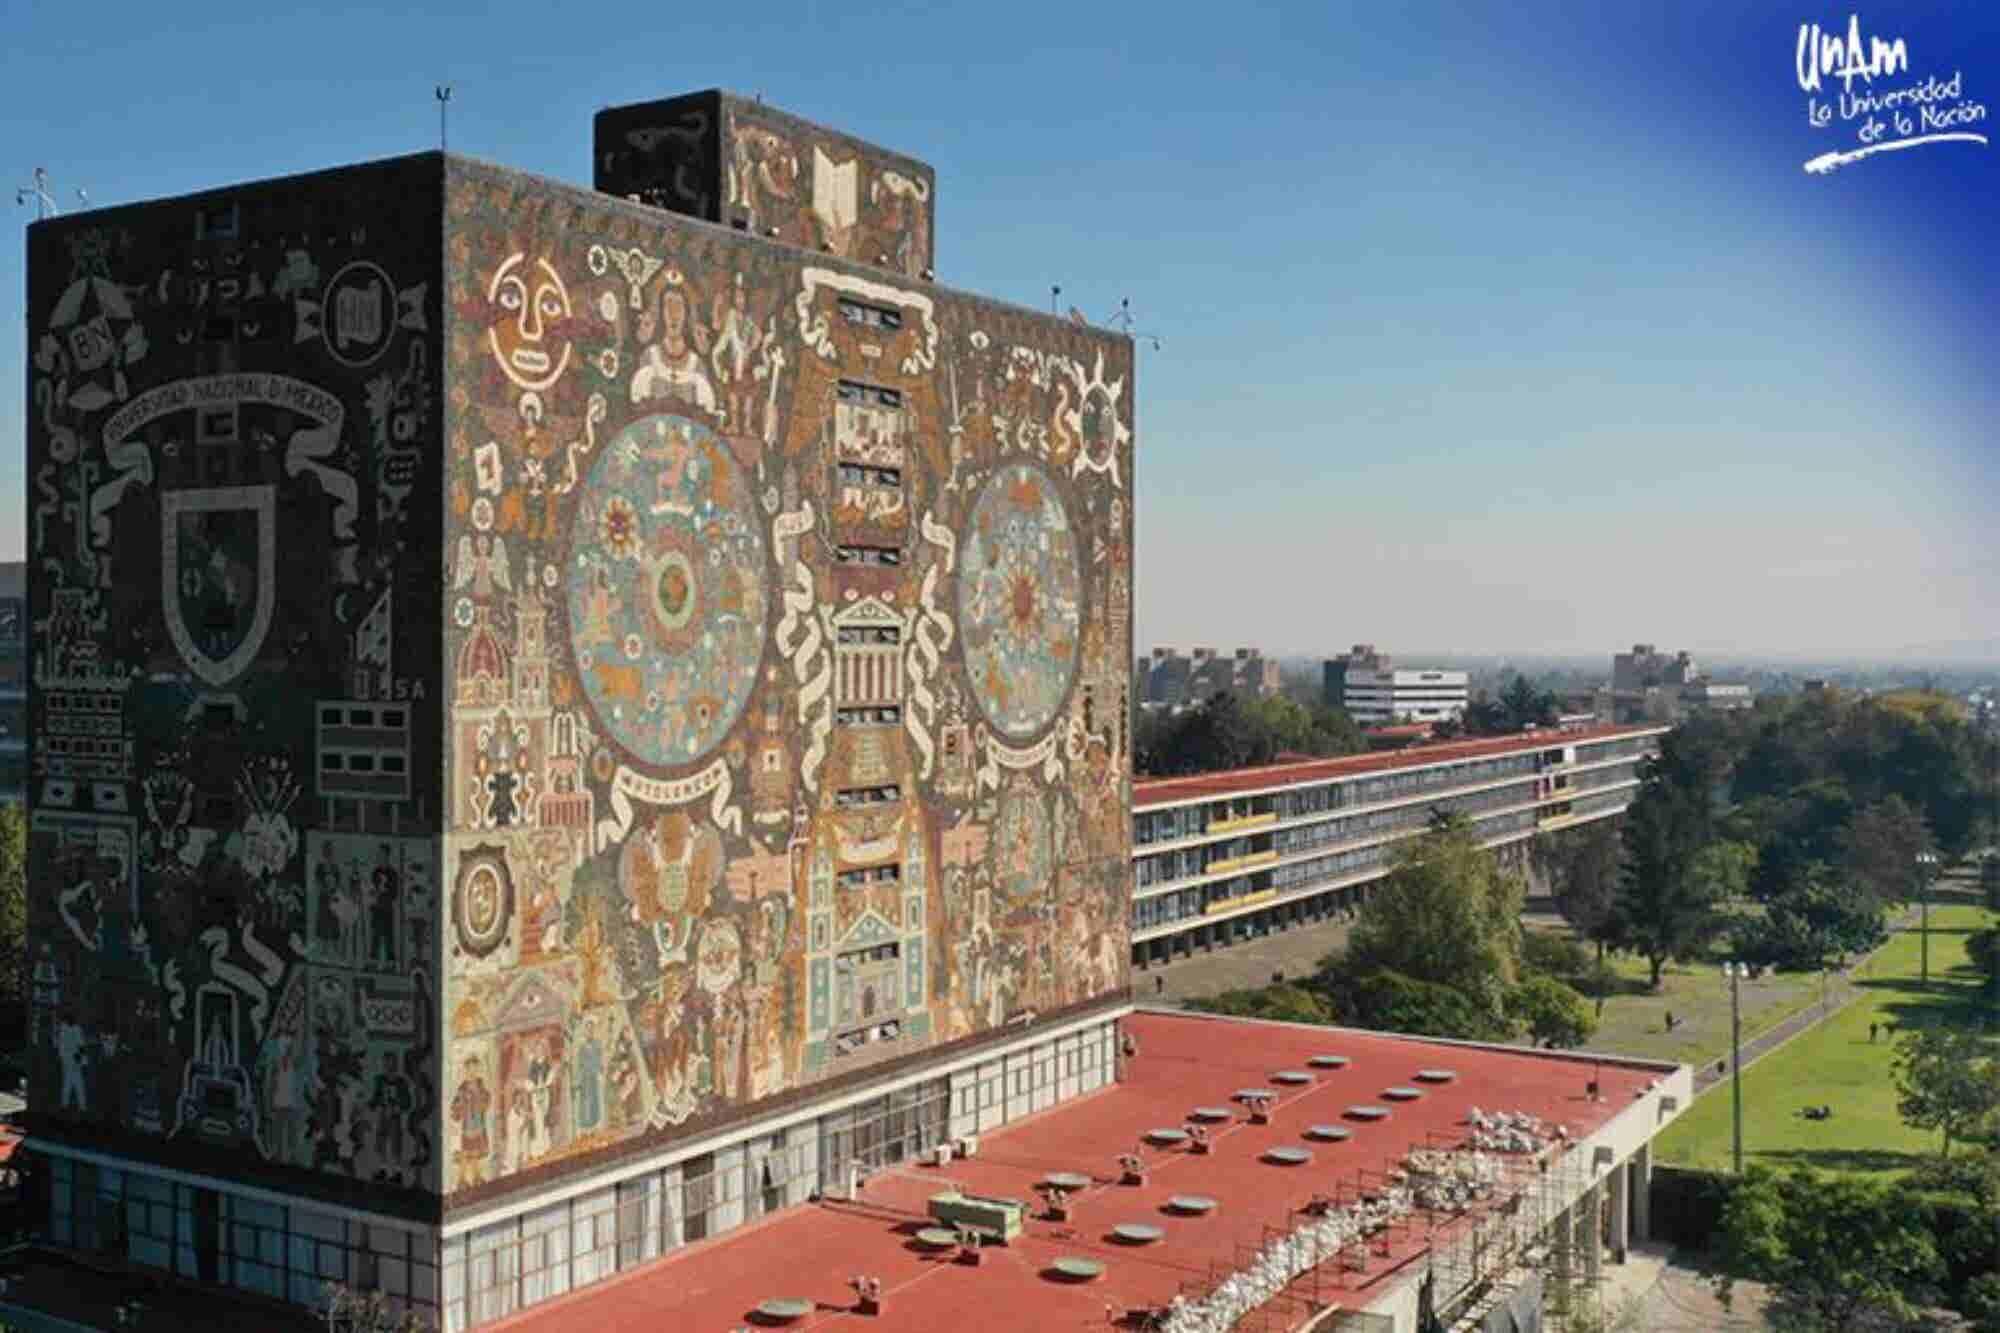 La UNAM y el Tec de Monterrey, las mejores universidades mexicanas de este ranking